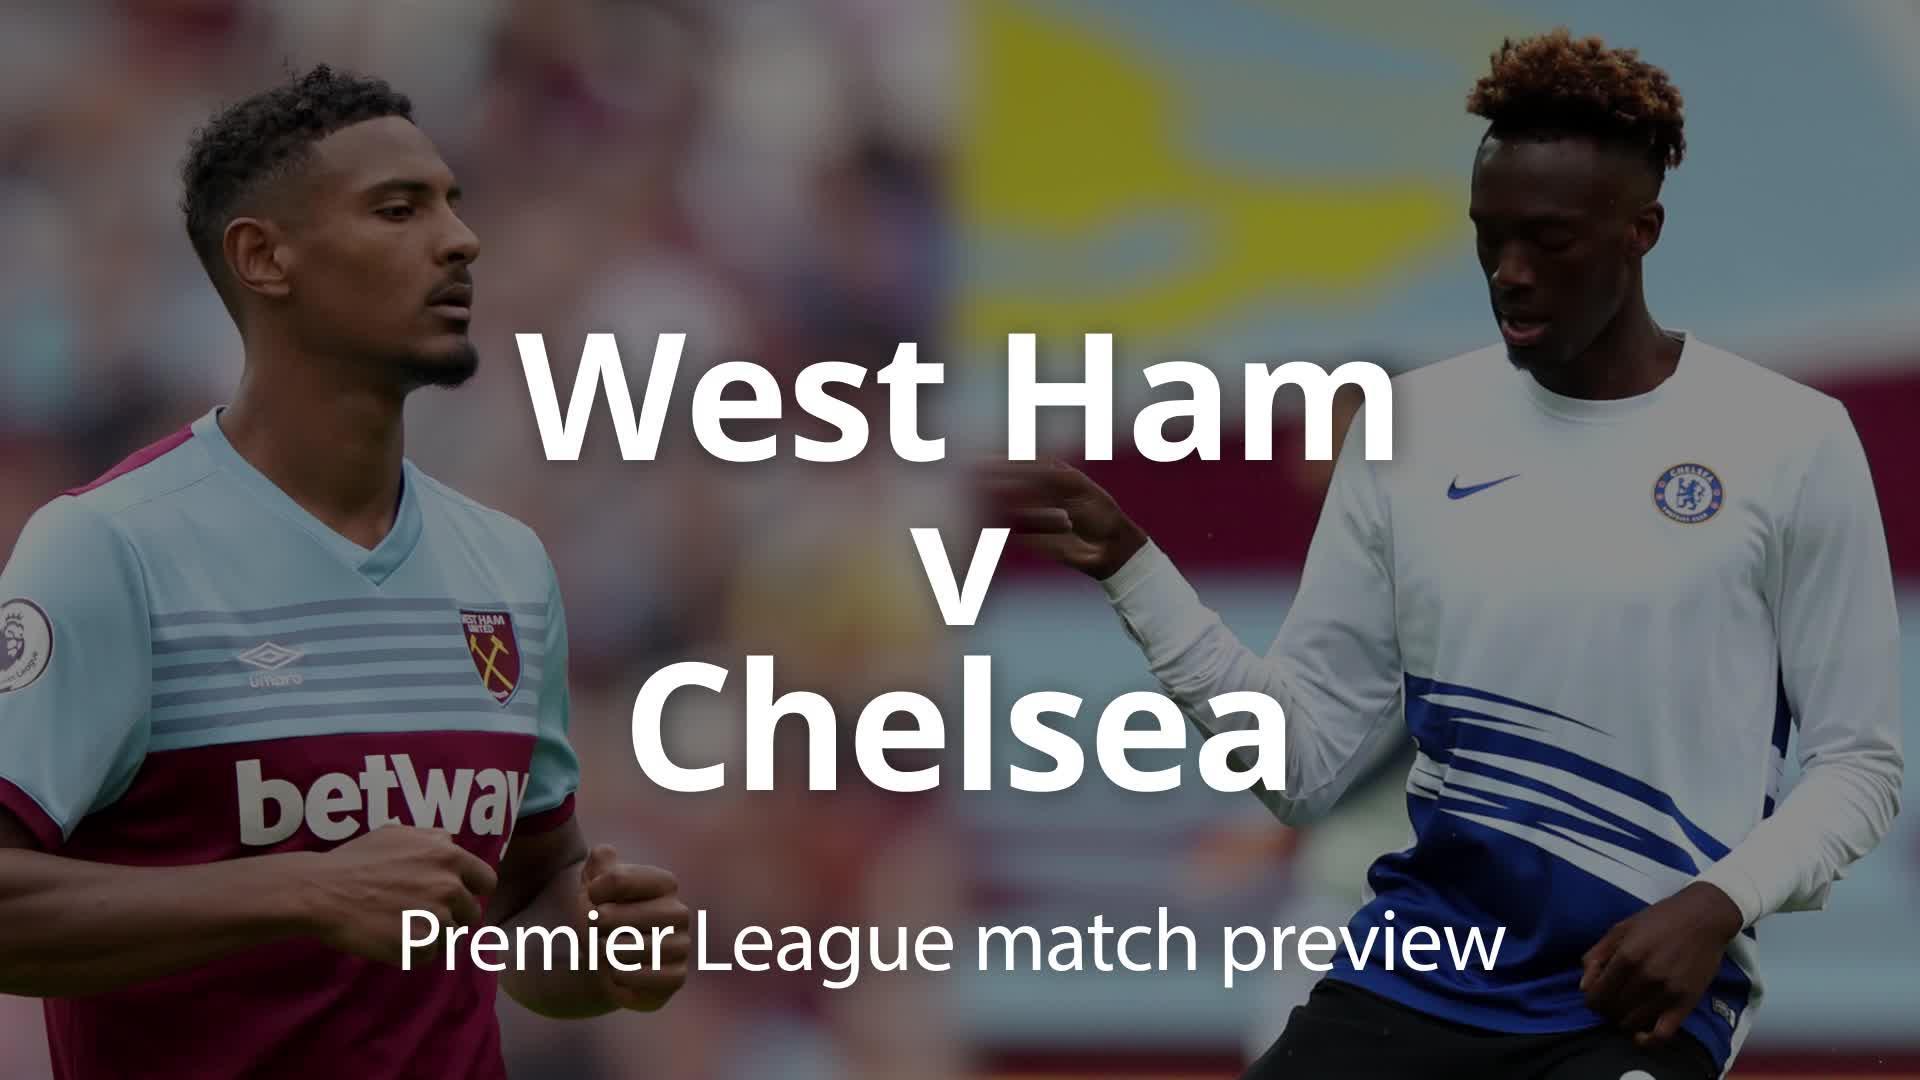 Premier league match preview: West Ham v Chelsea